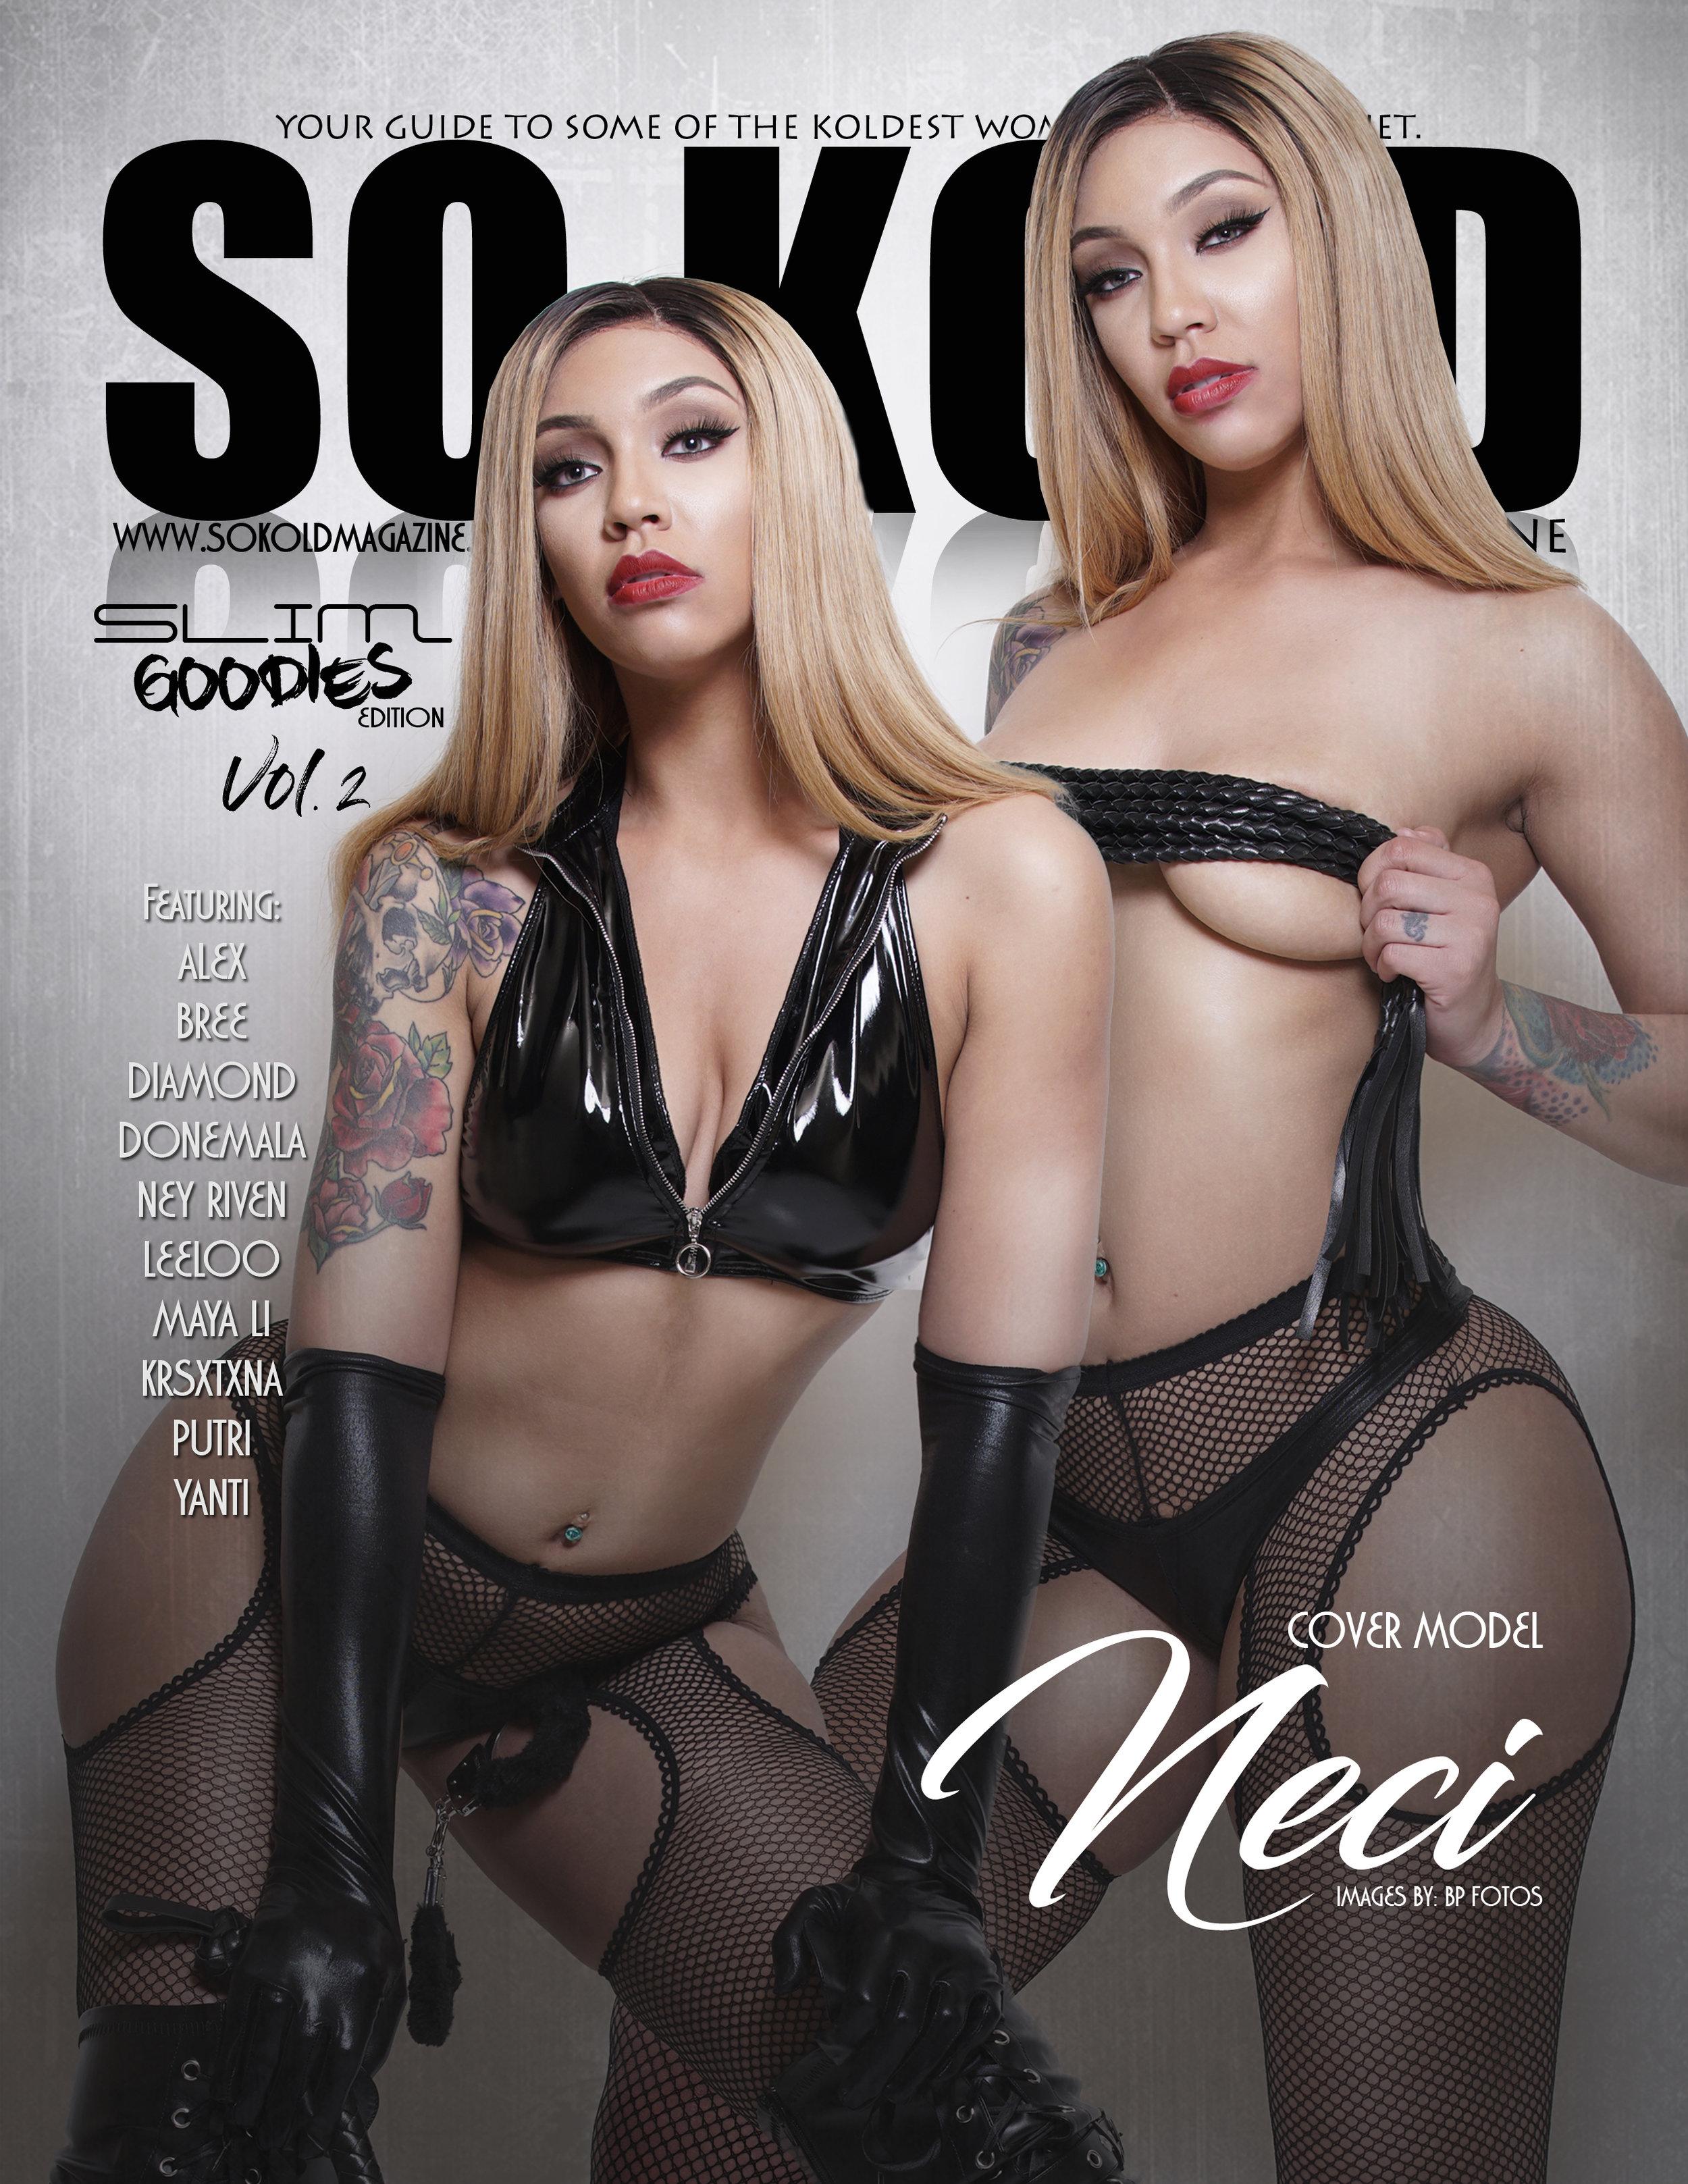 SO KOLD MAG SLIM GOODIES 3 COVER - NECI copy.jpg